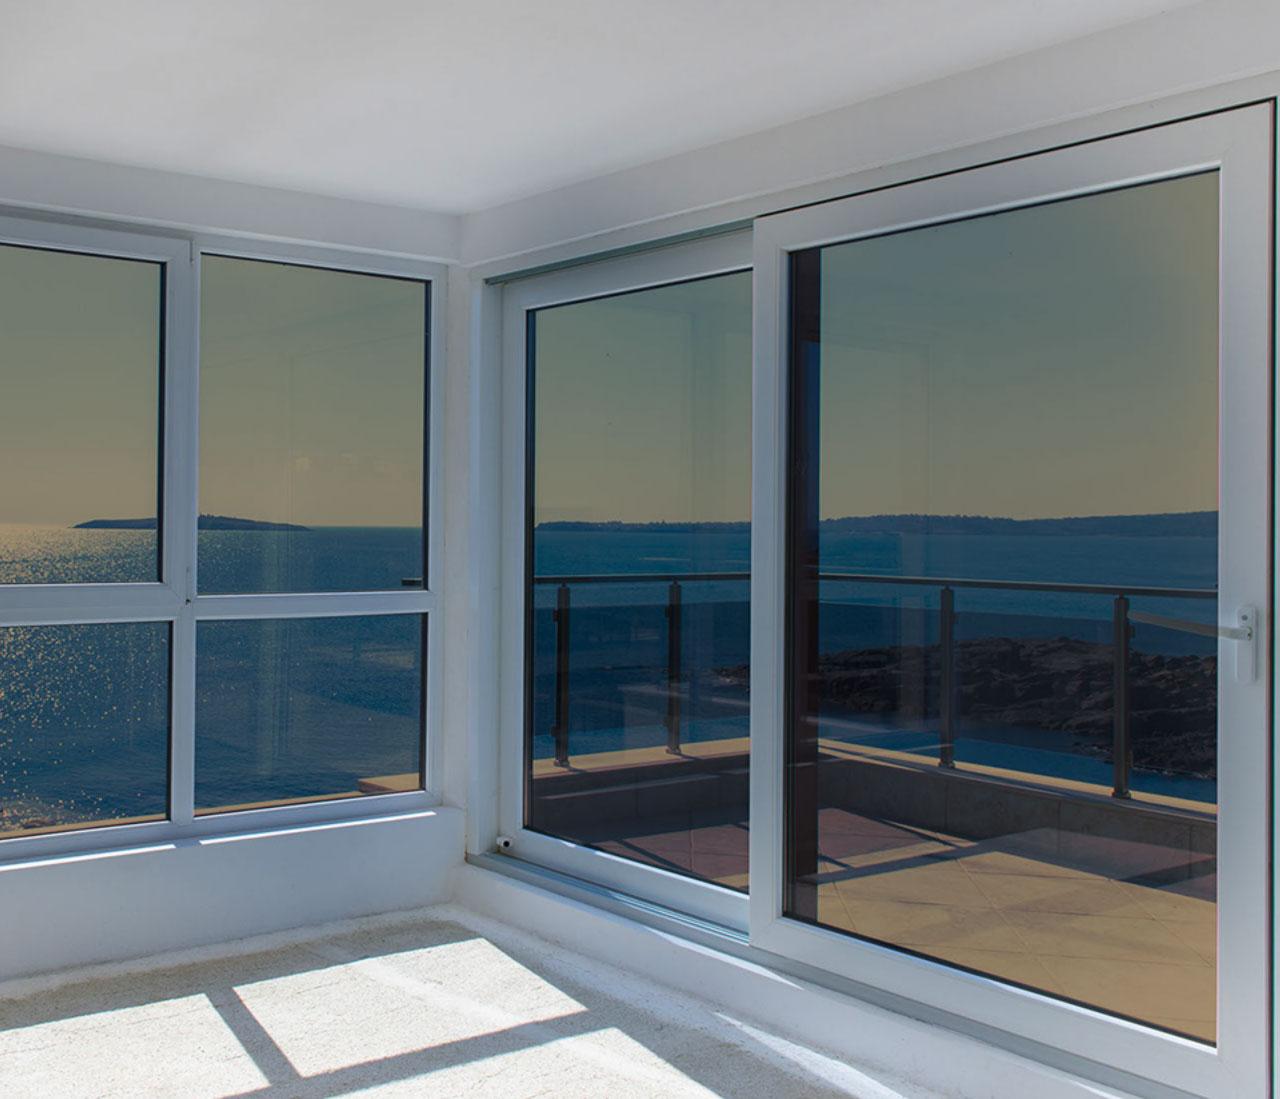 Films solaire securite et design - Film pour baie vitree ...